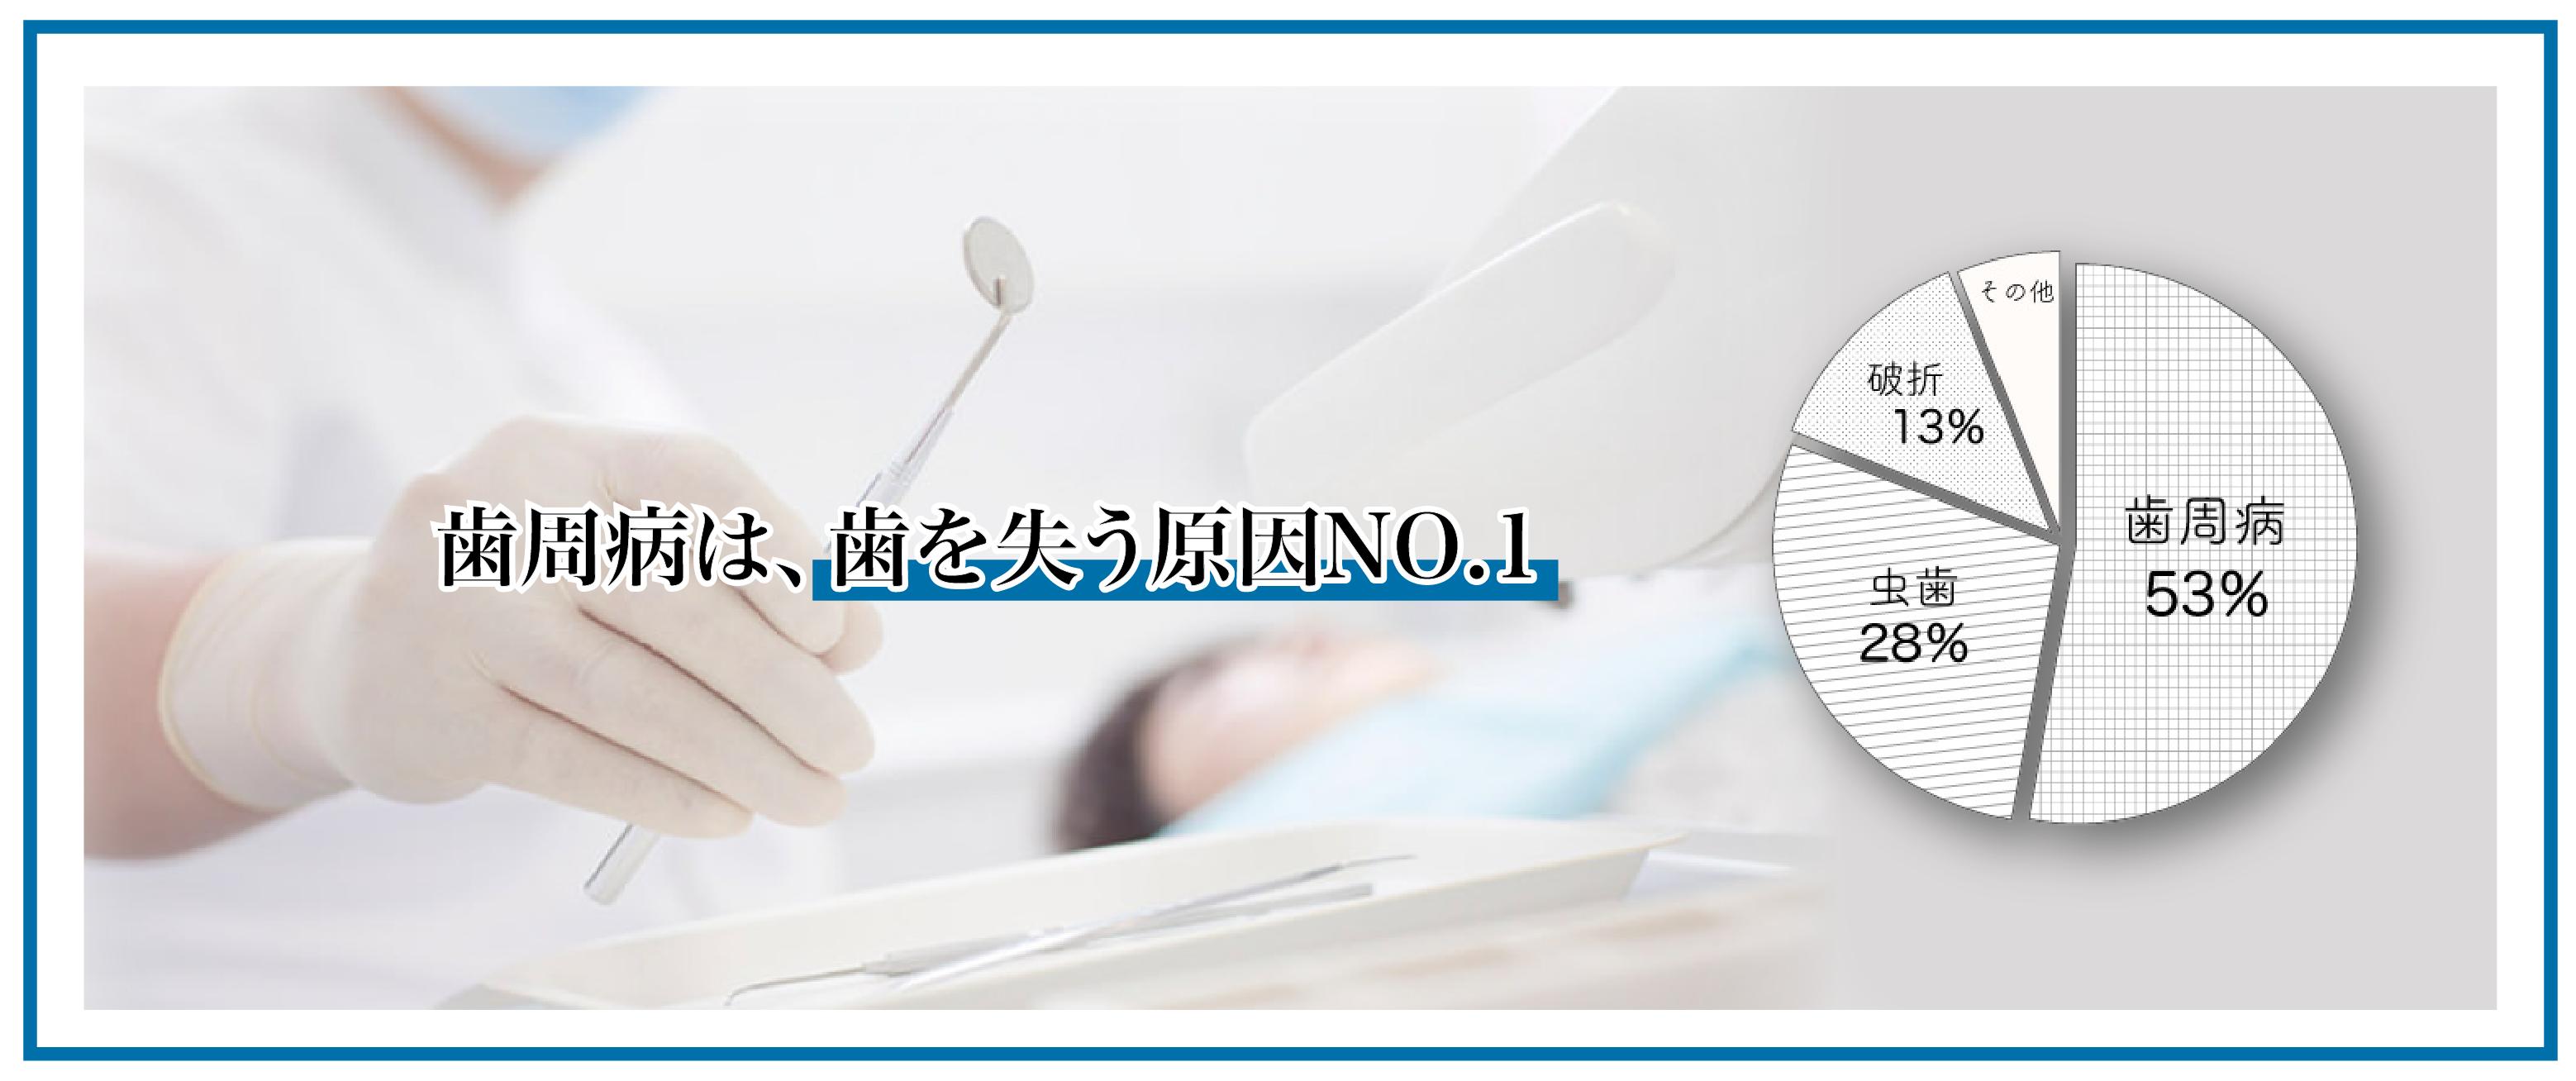 歯周病は歯を失う原因NO.1